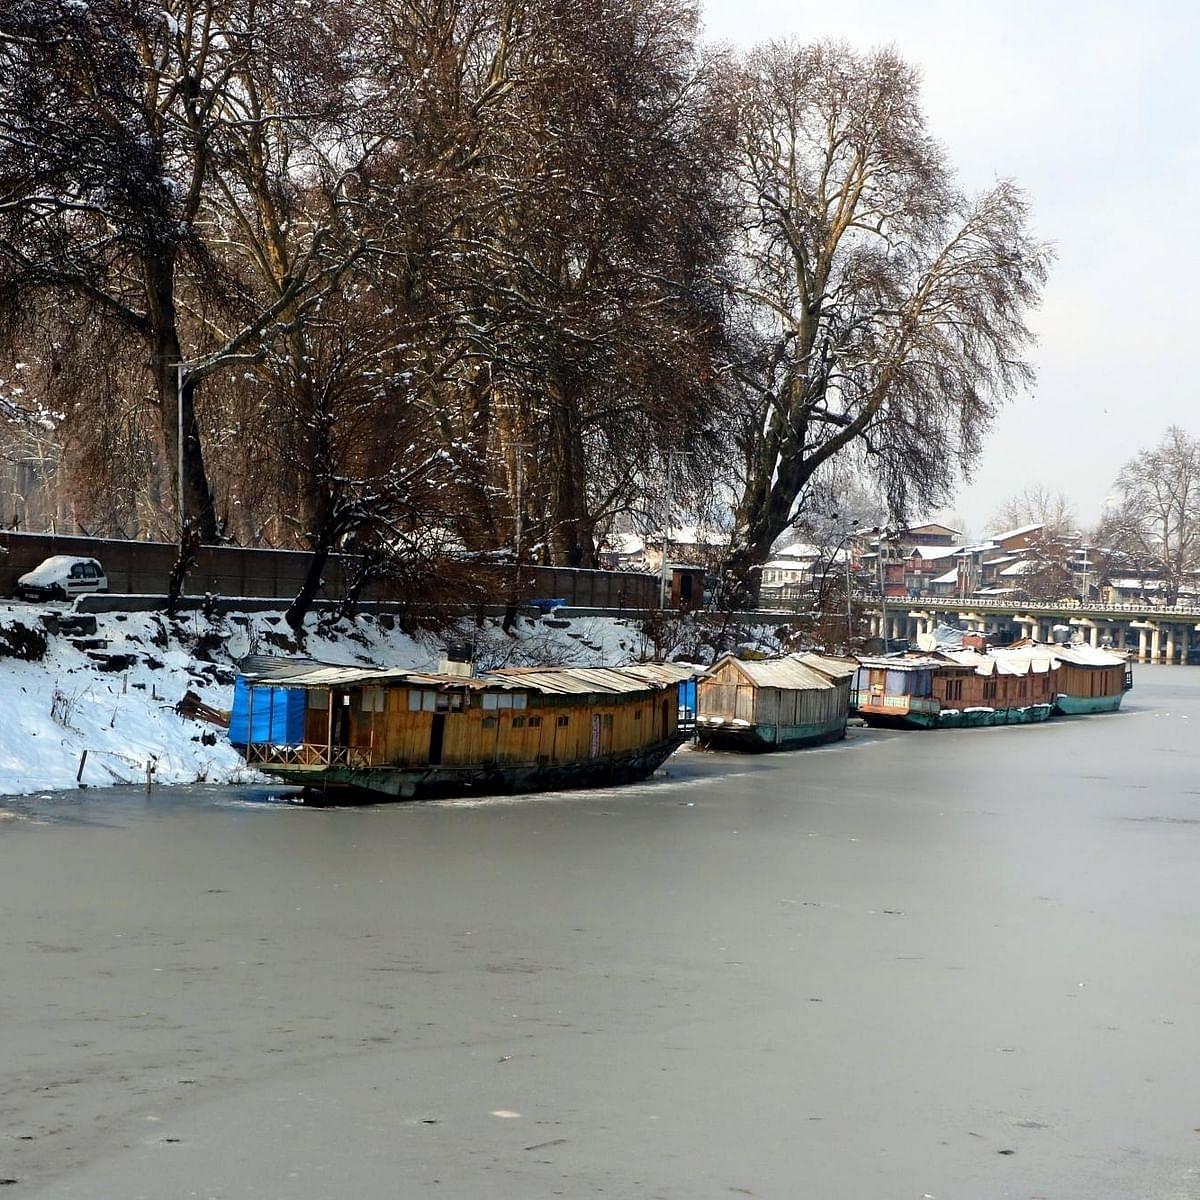 कश्मीर में मौसम हुआ सुहाना,रात के पारे में गिरावट